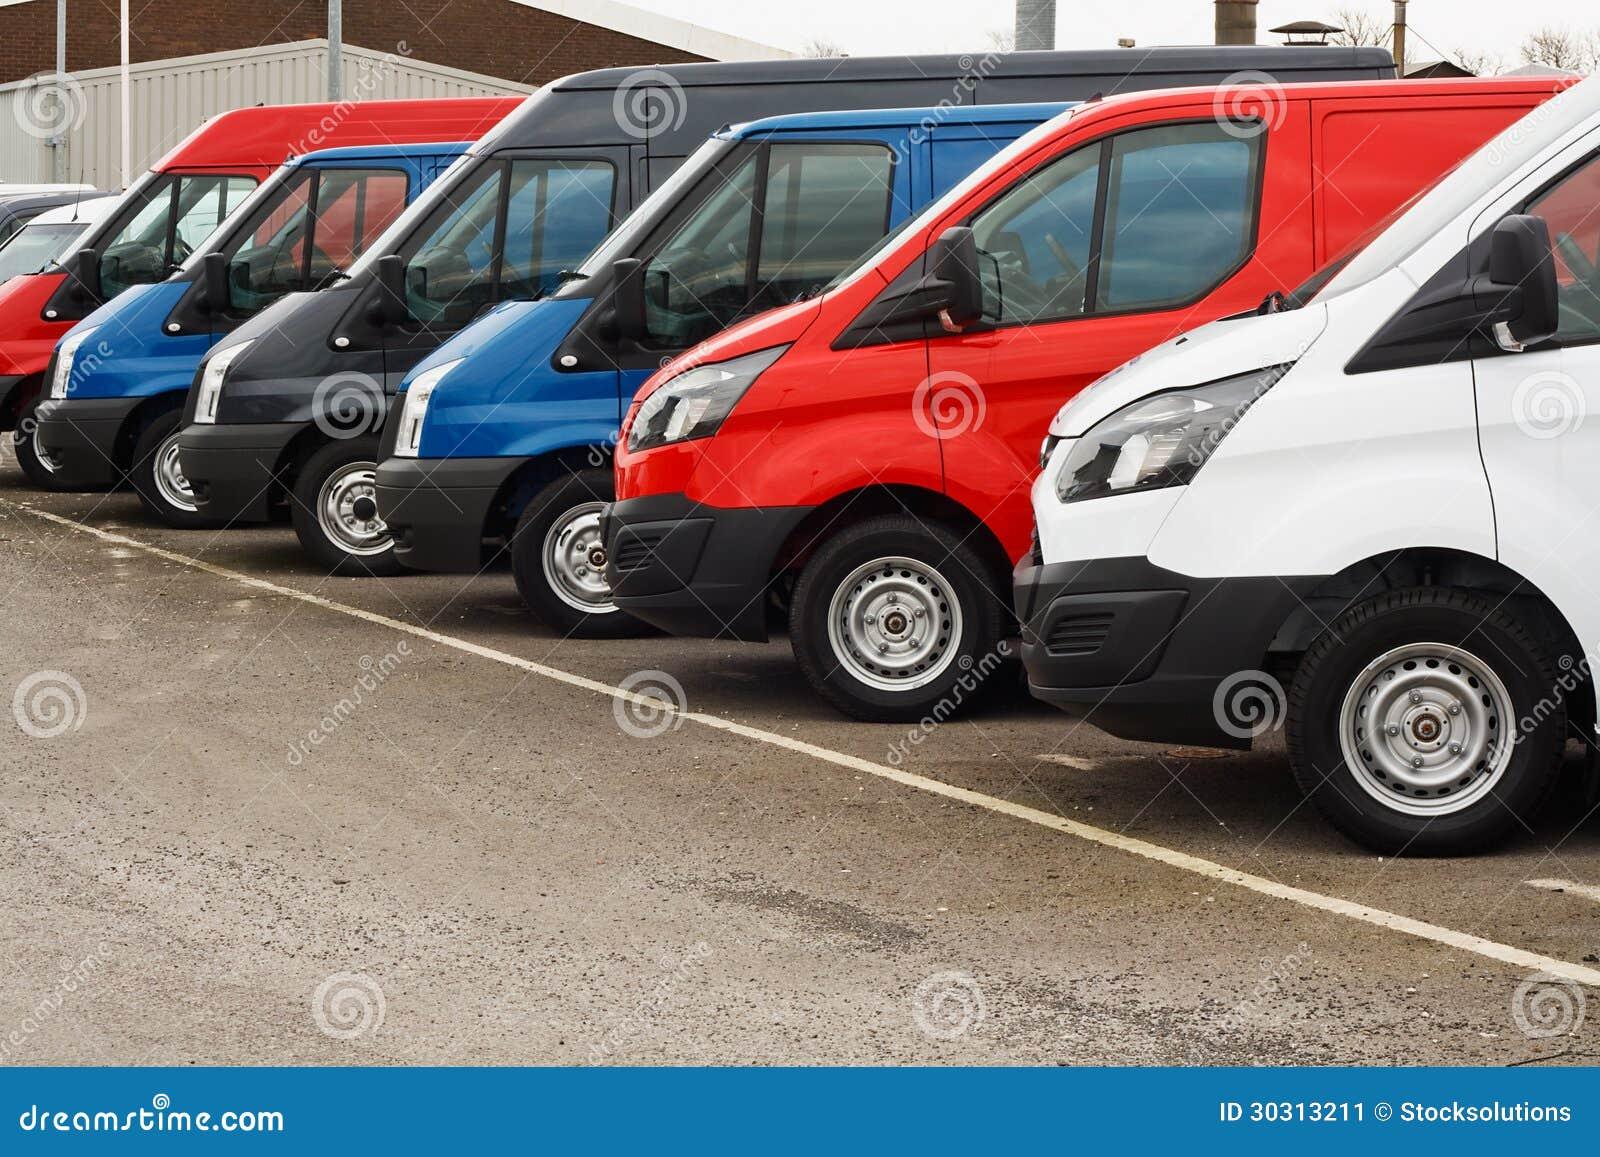 used van sales stock image image 30313211